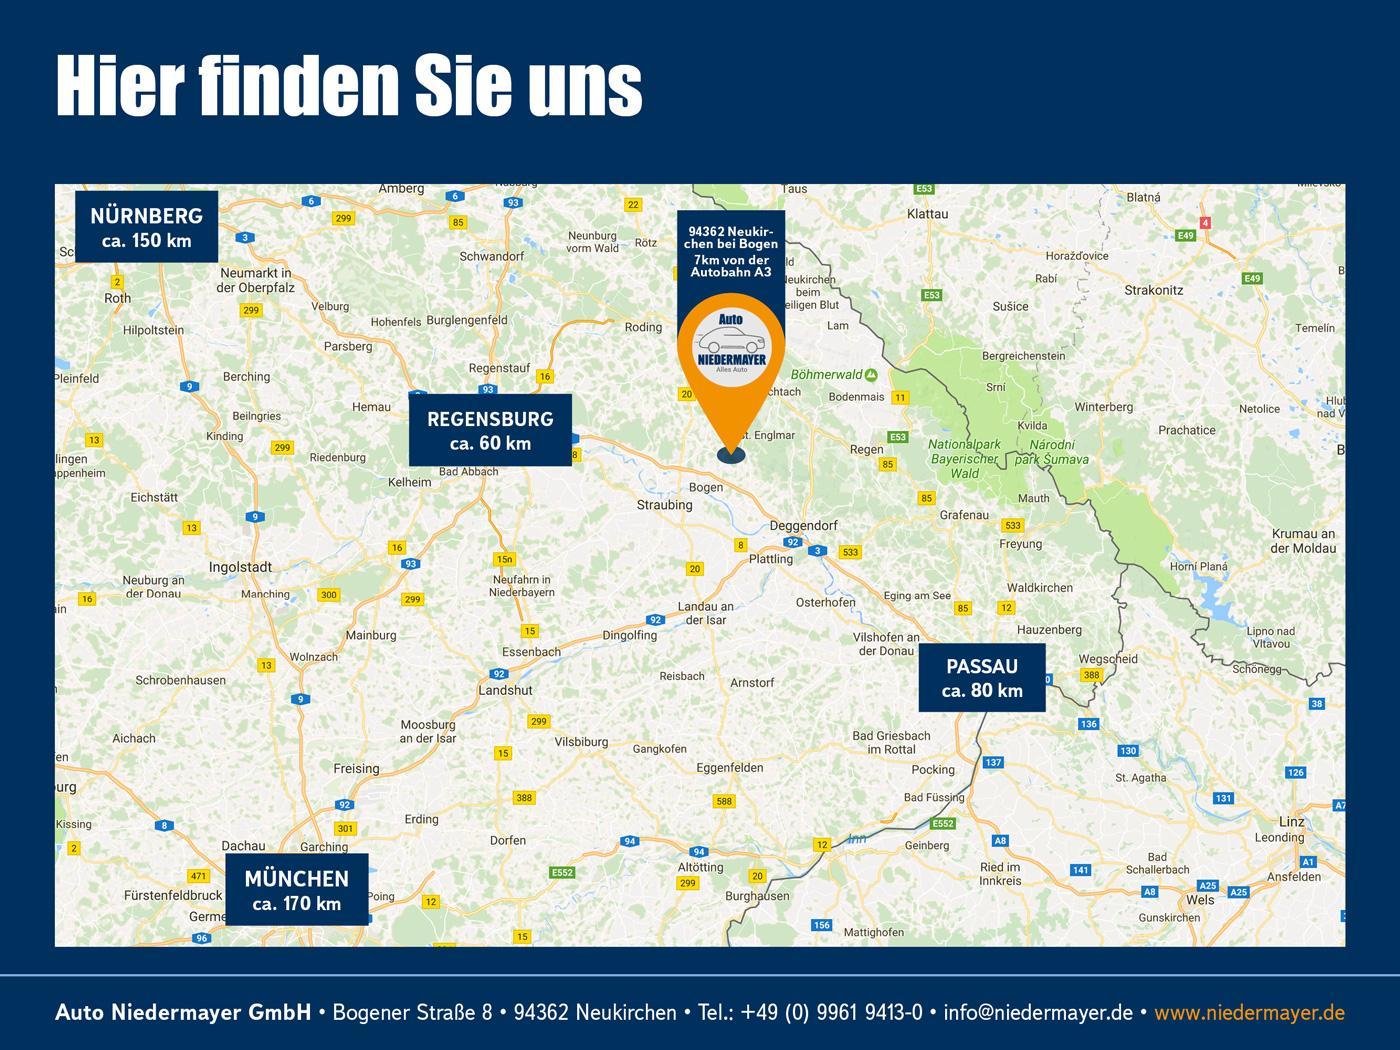 SKODA KODIAQ 2.0 TDI DSG 4x4 Sportline, AHK, 7-Sitzer, ACC, virtual, Kamera Auto Niedermayer B2B, D-94362 Neukirchen